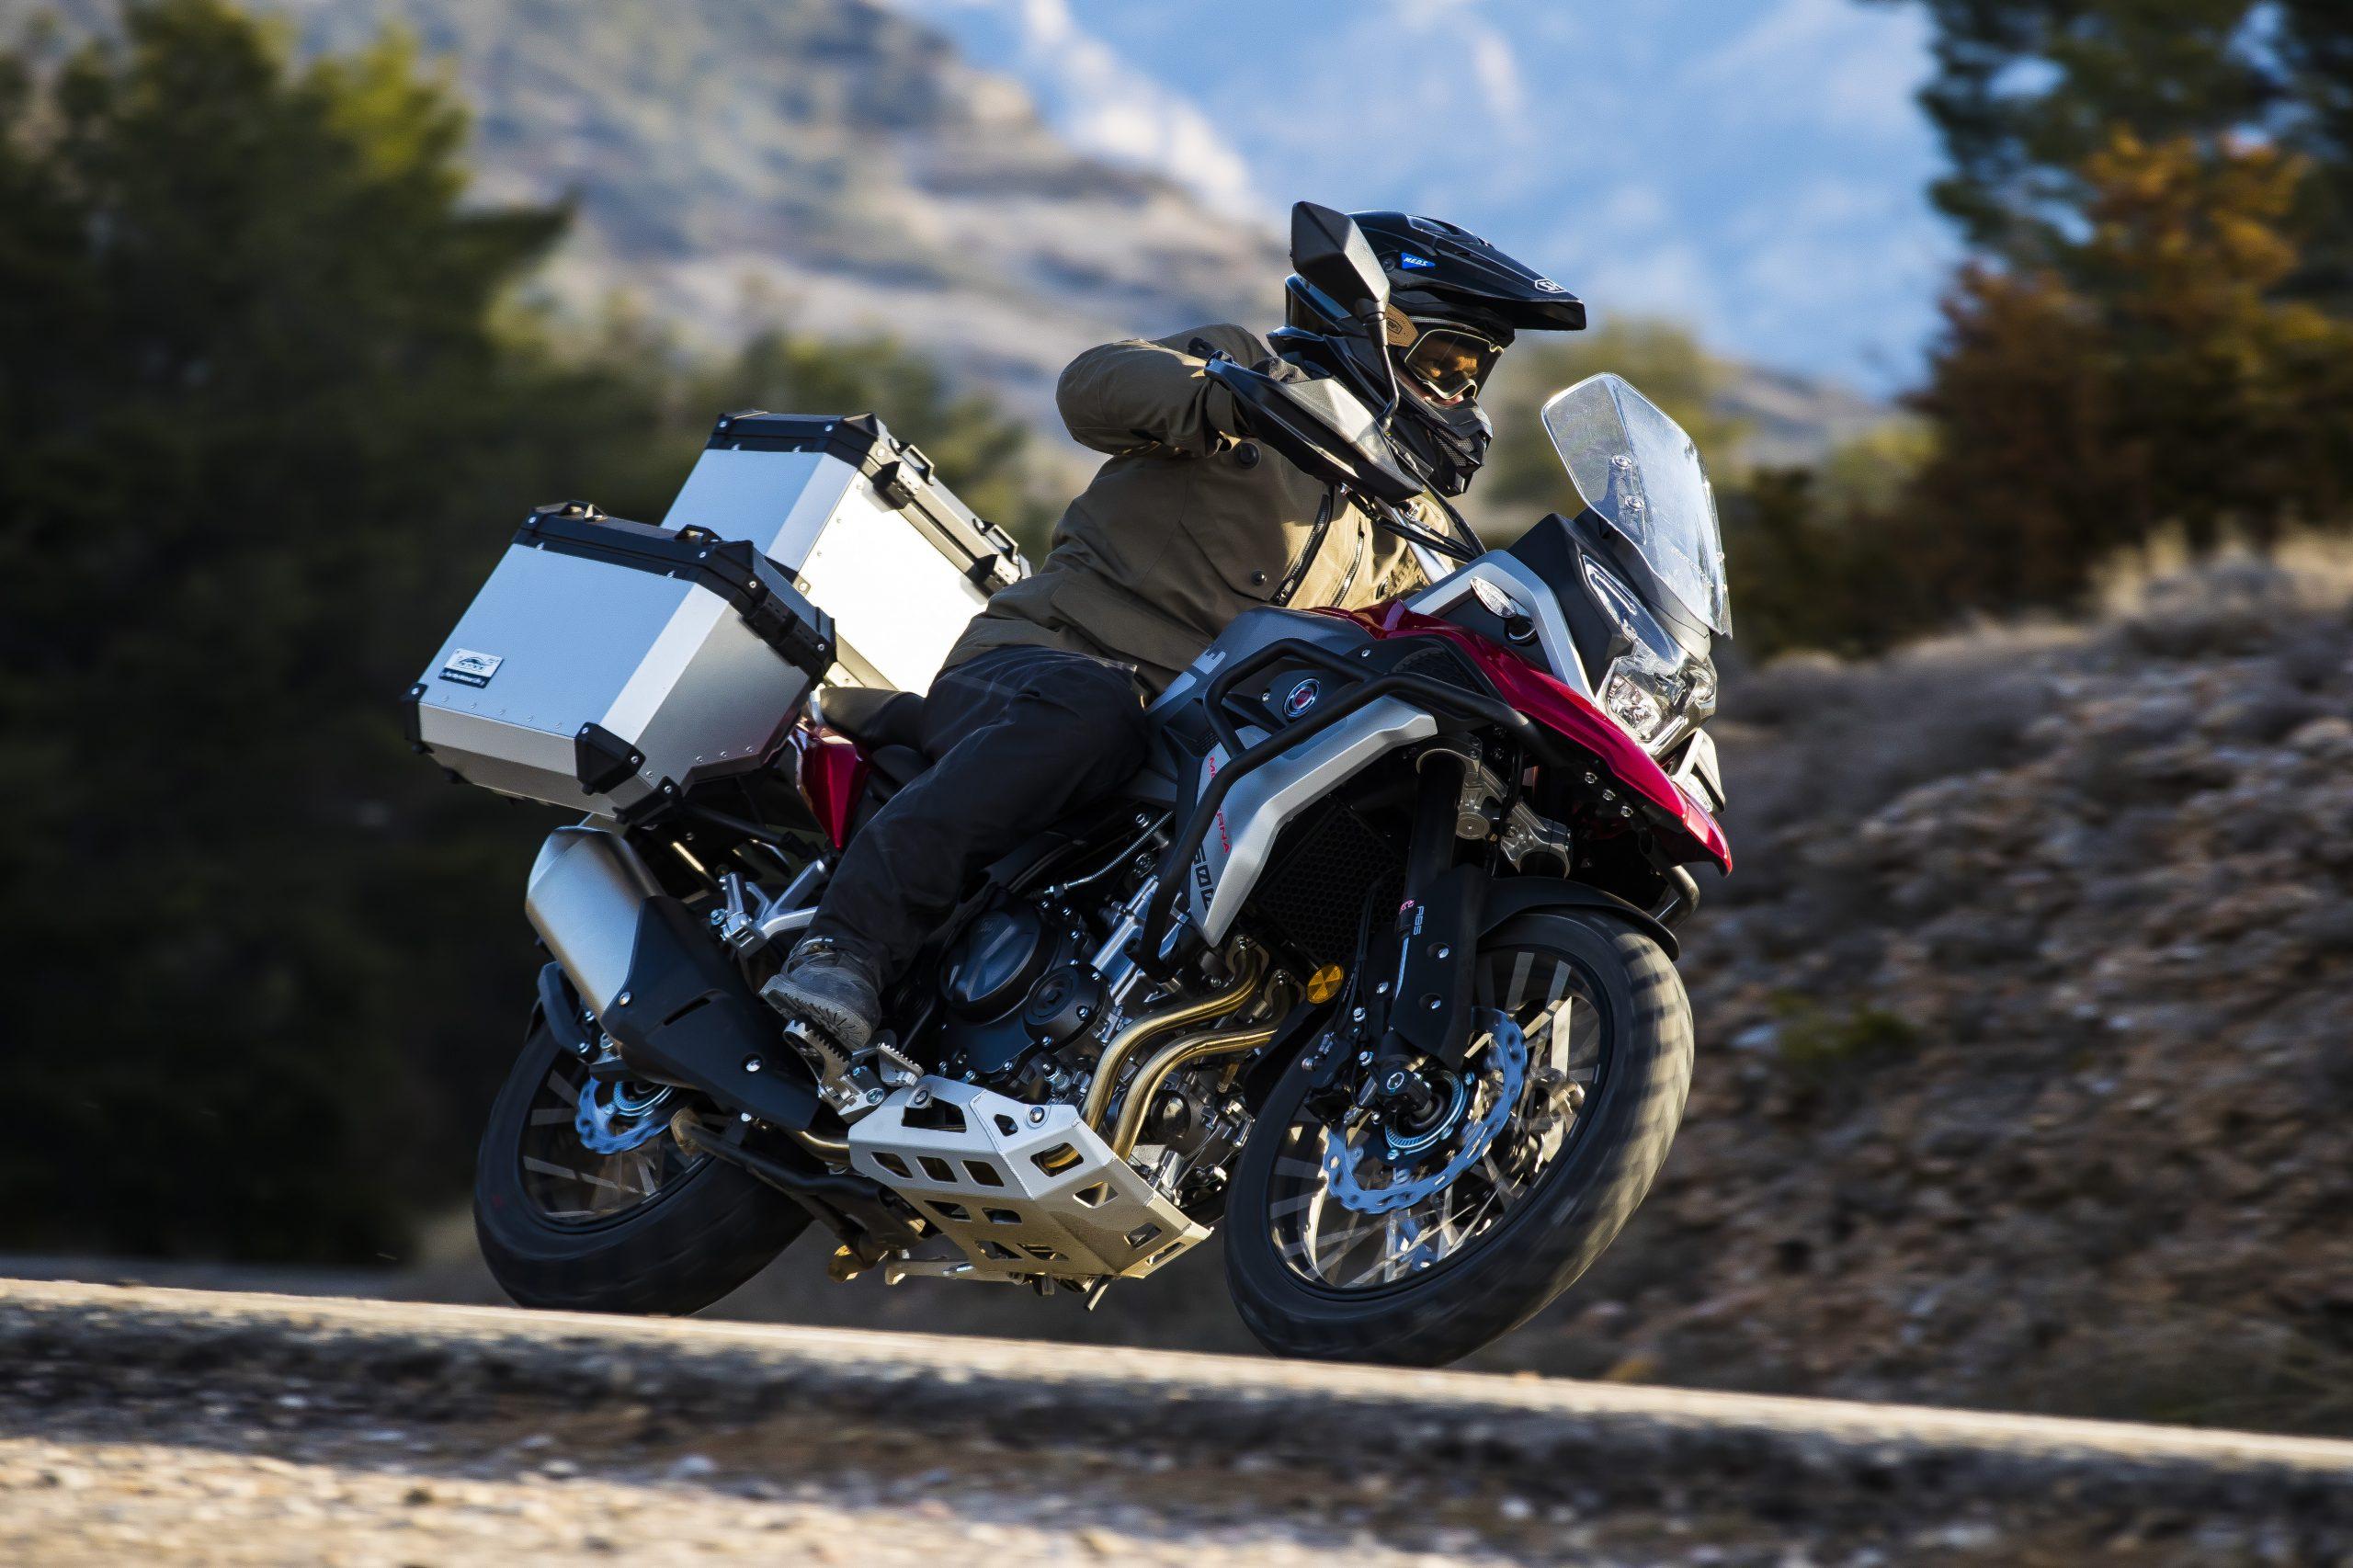 Moto-macbor-nuevo-modelo-montana-xr5-rojo